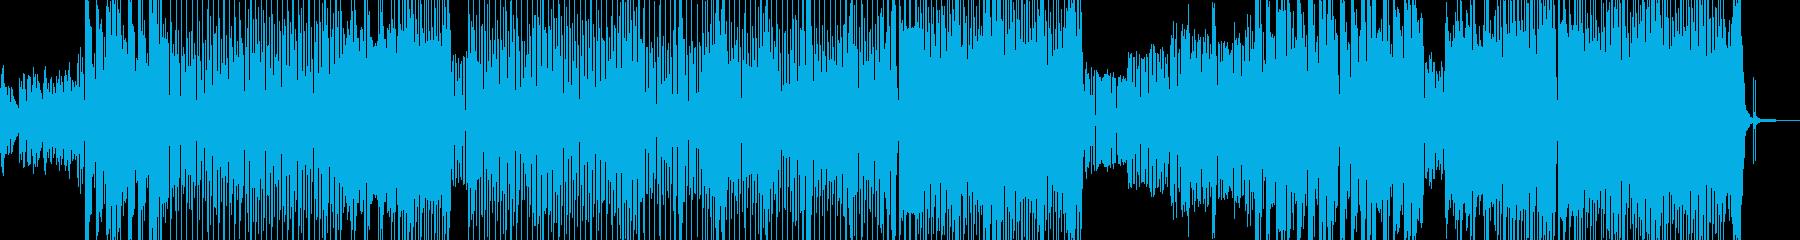 お菓子の国・メルヘンポップ B+の再生済みの波形